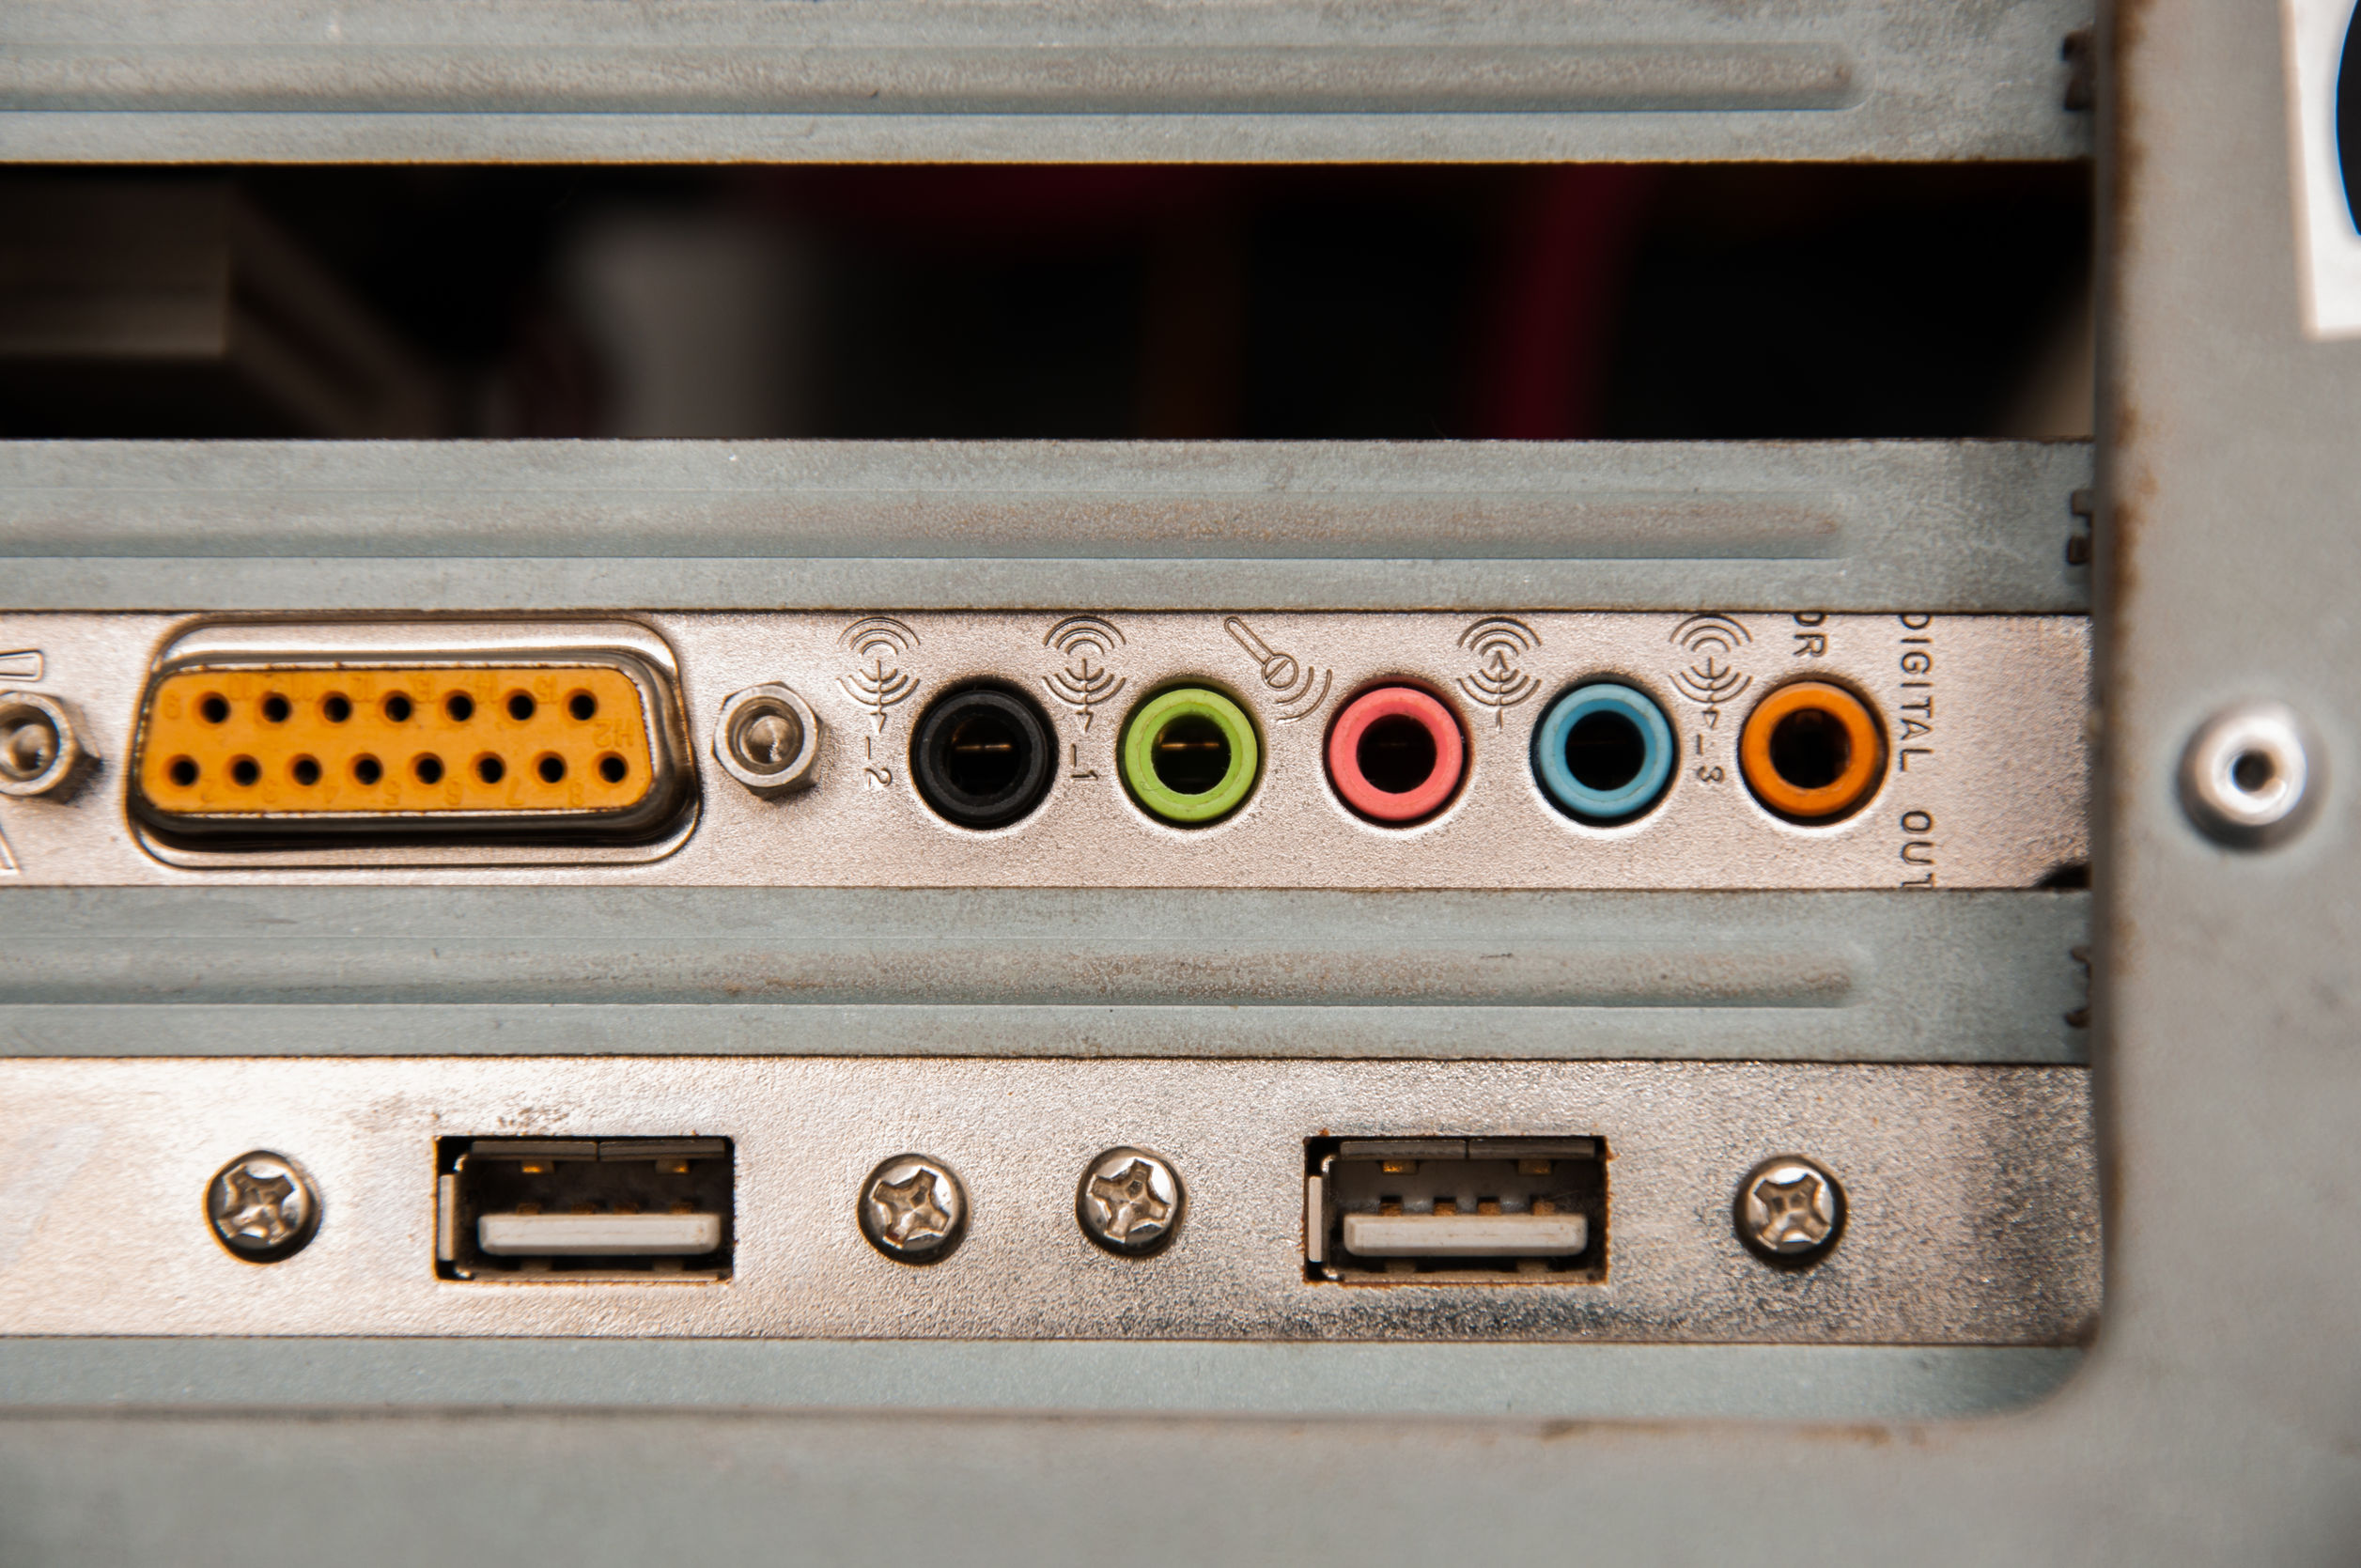 Placa de som USB: Como escolher a melhor em 2021?